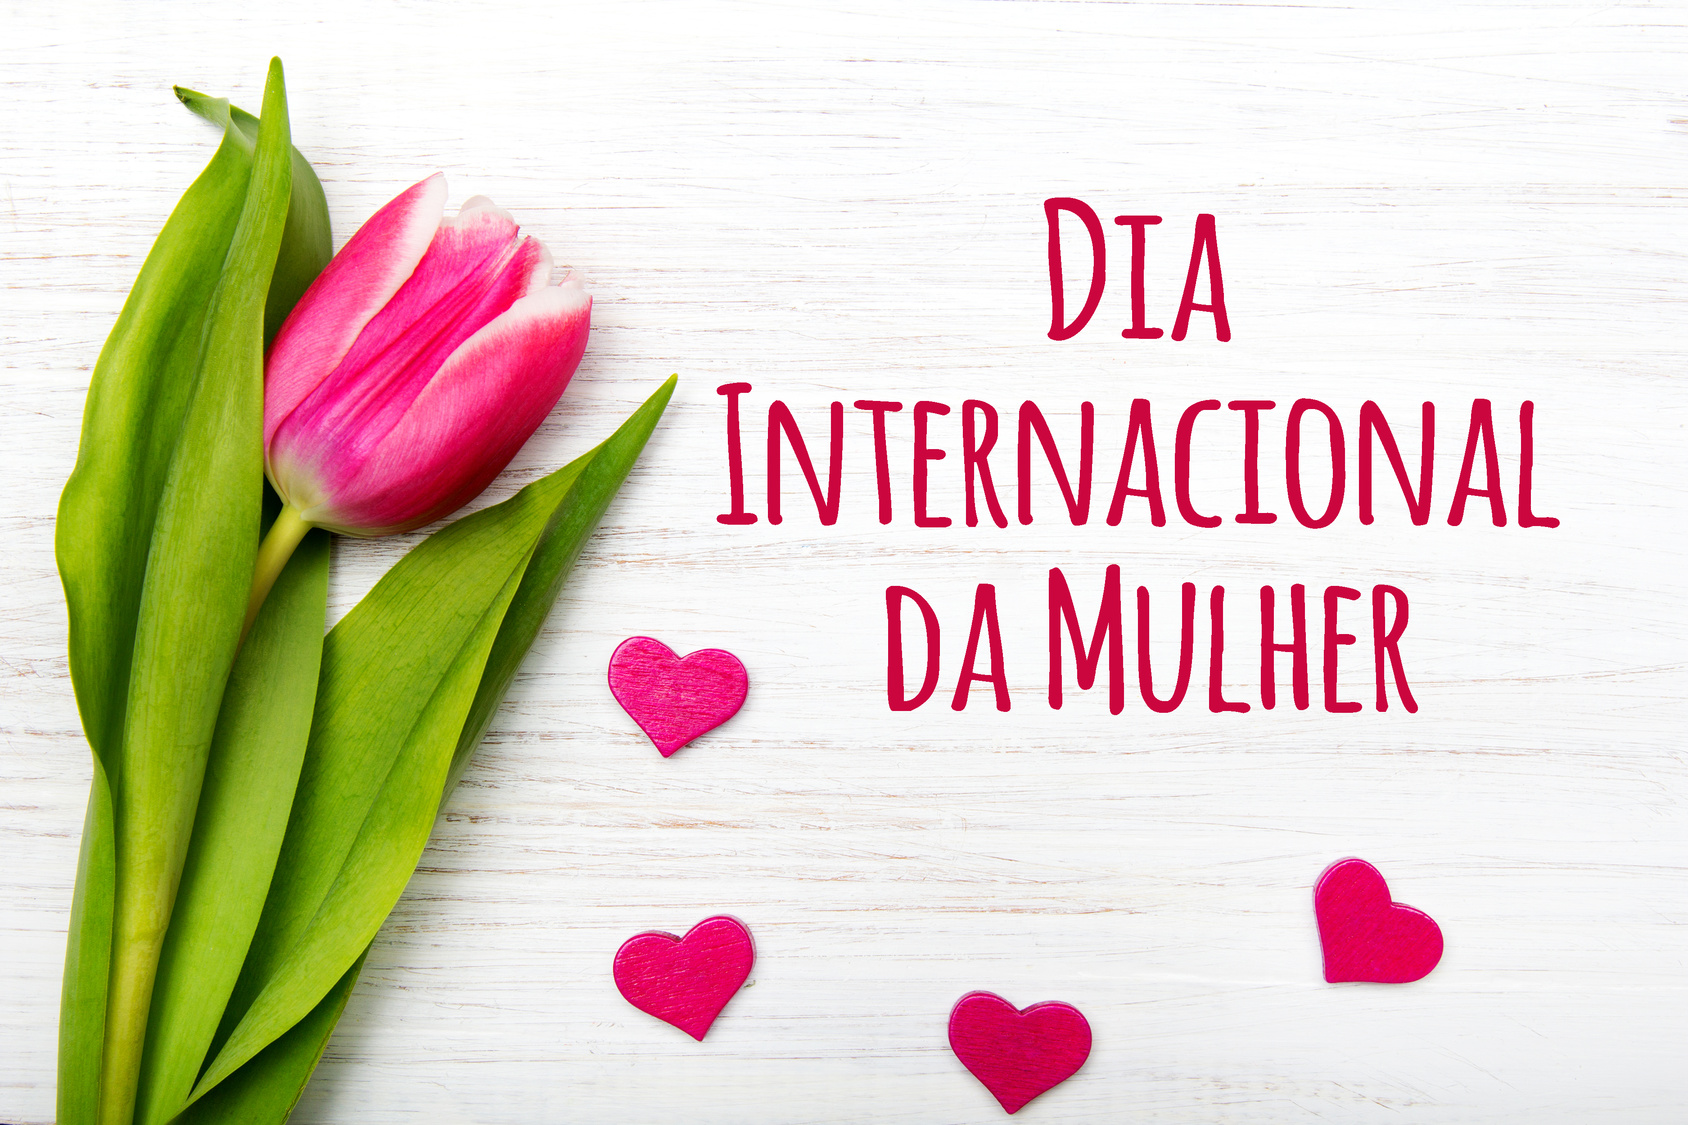 Acontece nesta quinta-feira (07) solenidade em homenagem ao Dia Internacional da Mulher